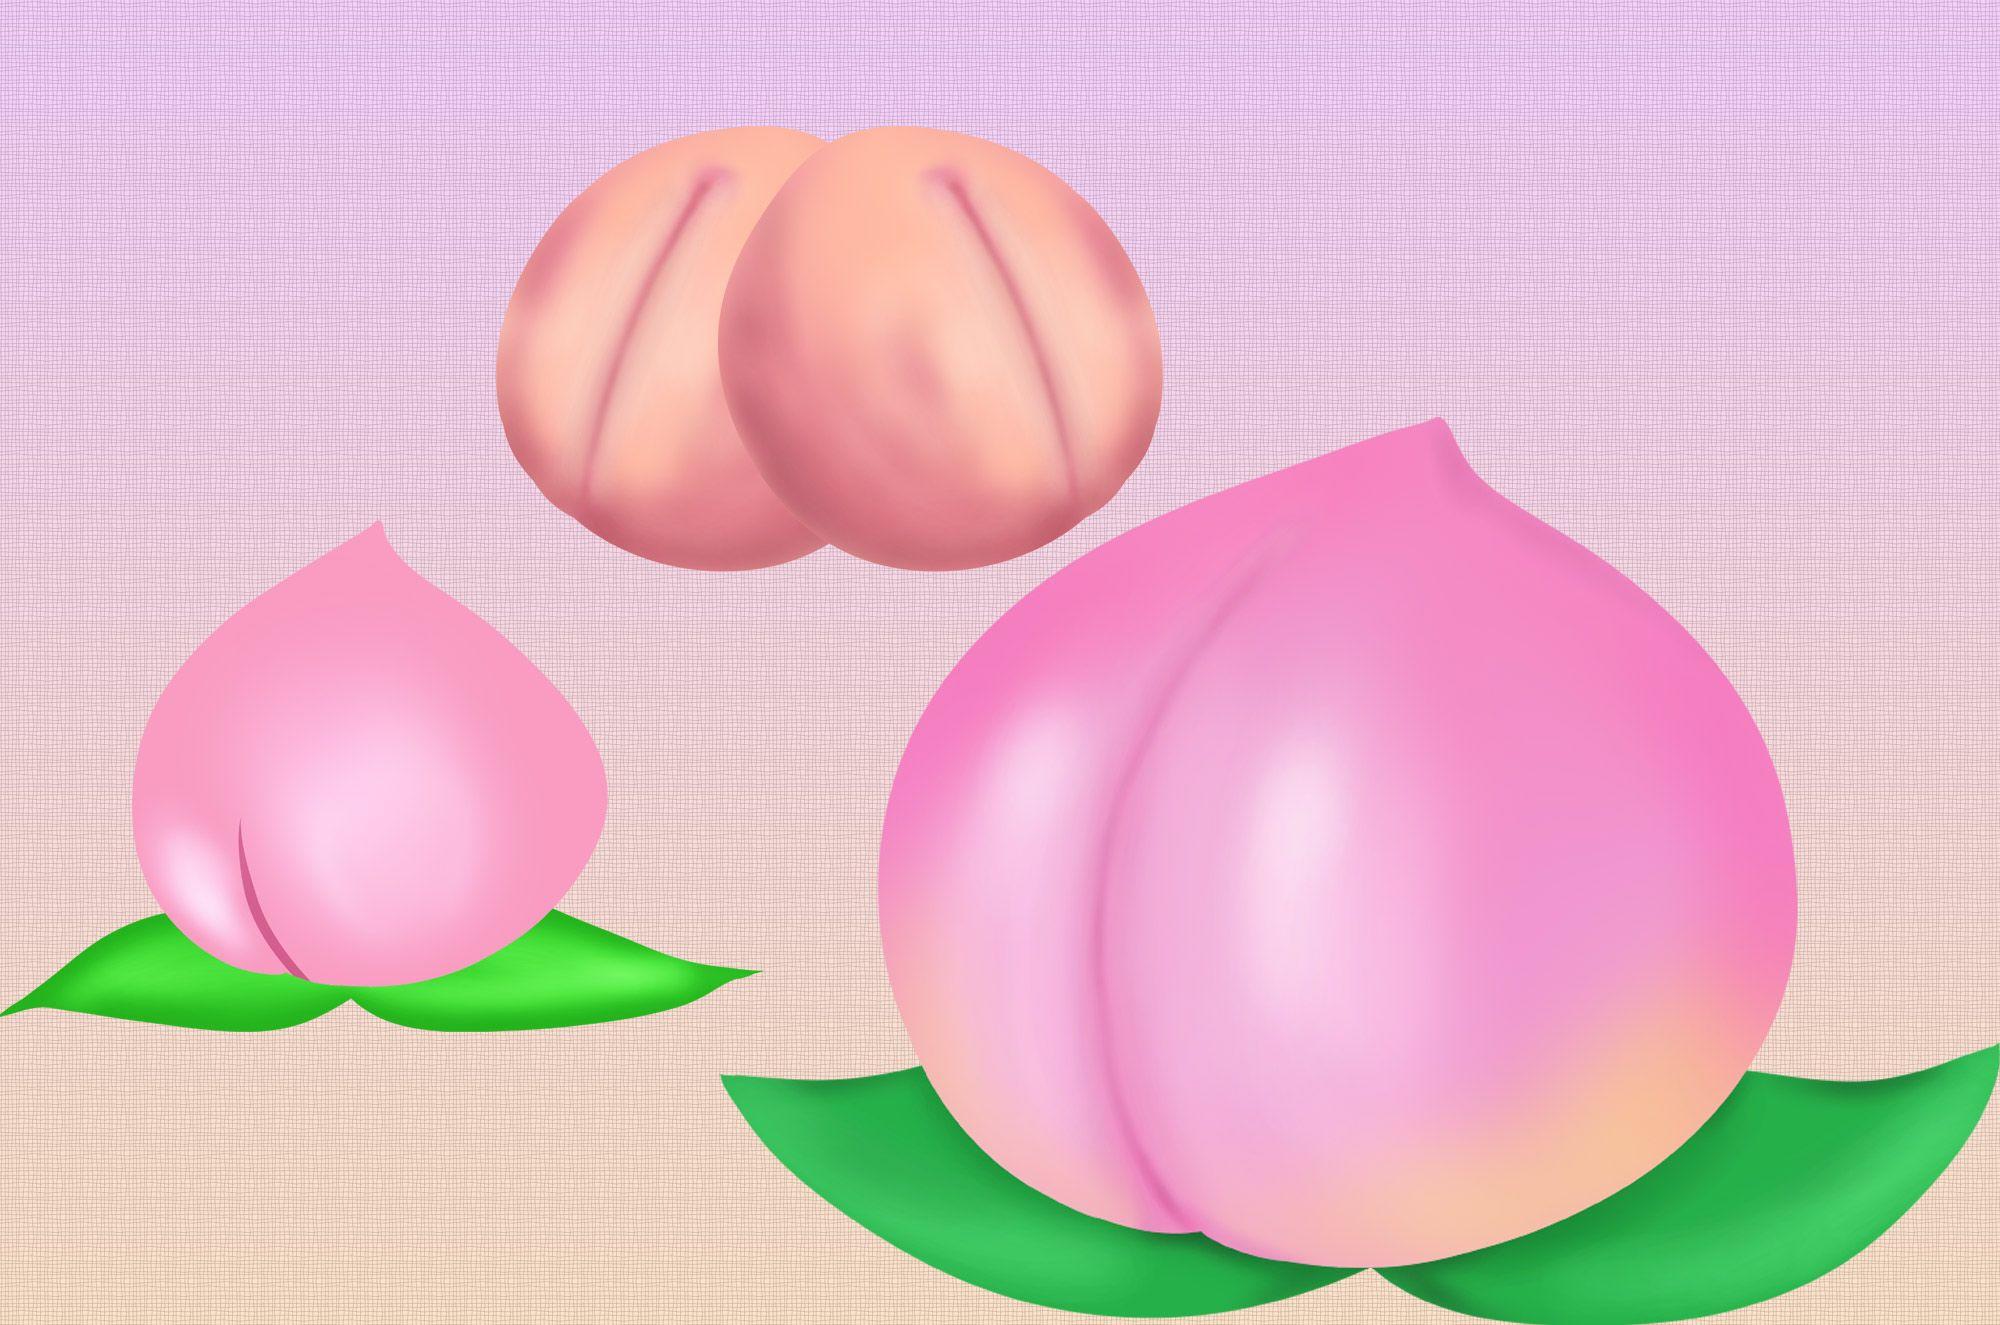 桃イラスト:かわいいプリプリのフルーツ素材!新鮮な桃の甘〜い食感が